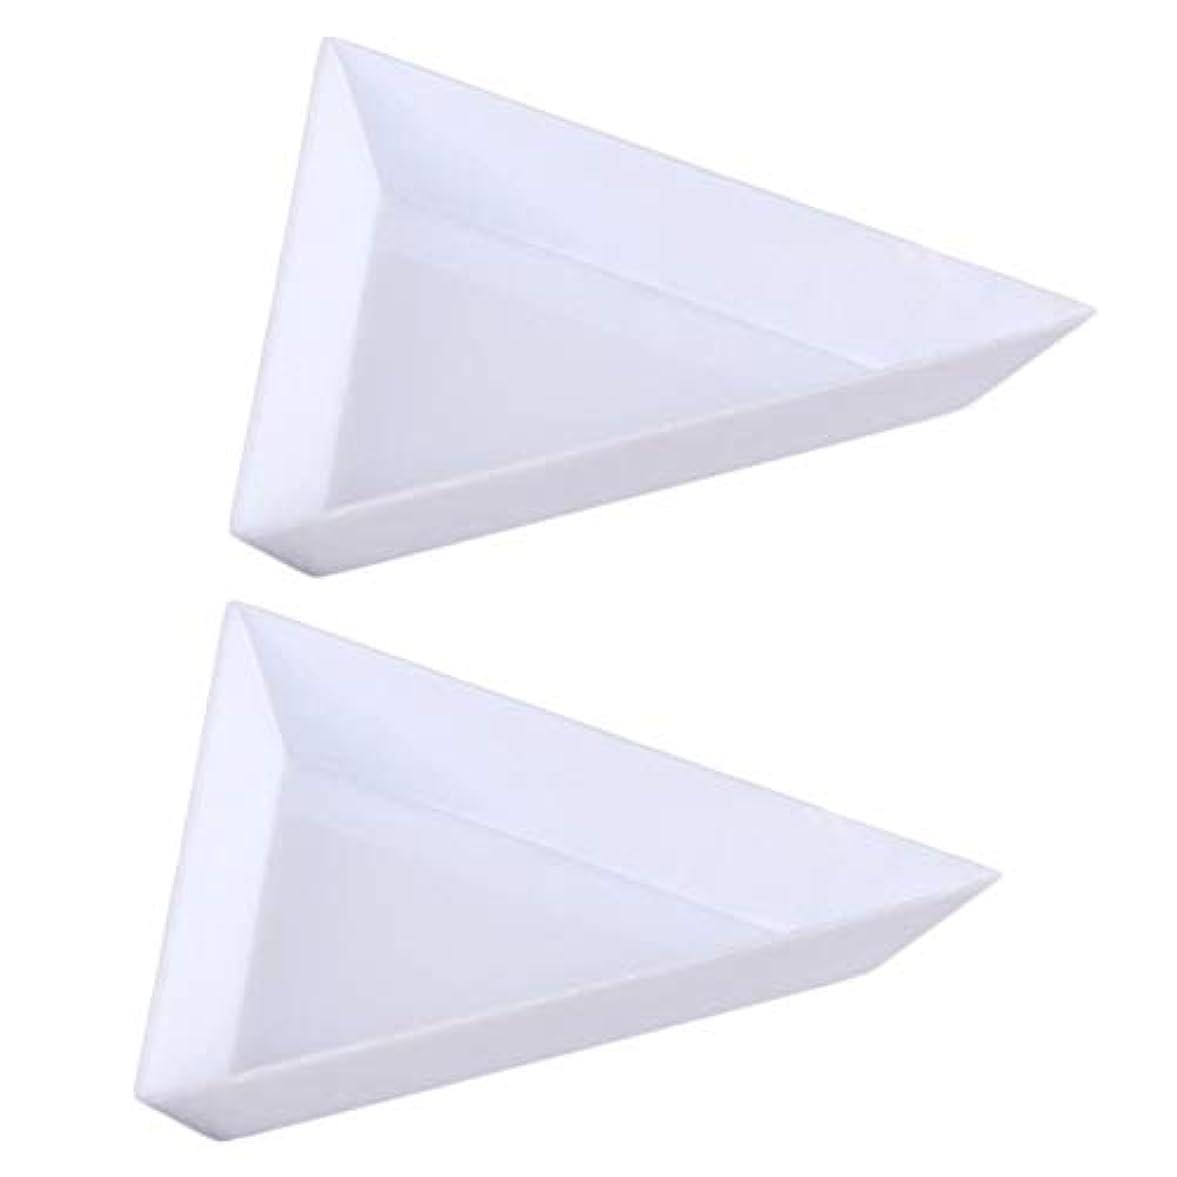 ためらう何もないプロフィールTOOGOO 10個三角コーナープラスチックラインストーンビーズ 結晶 ネイルアートソーティングトレイアクセサリー白 DiyネイルアートデコレーションDotting収納トレイ オーガニゼーションに最適